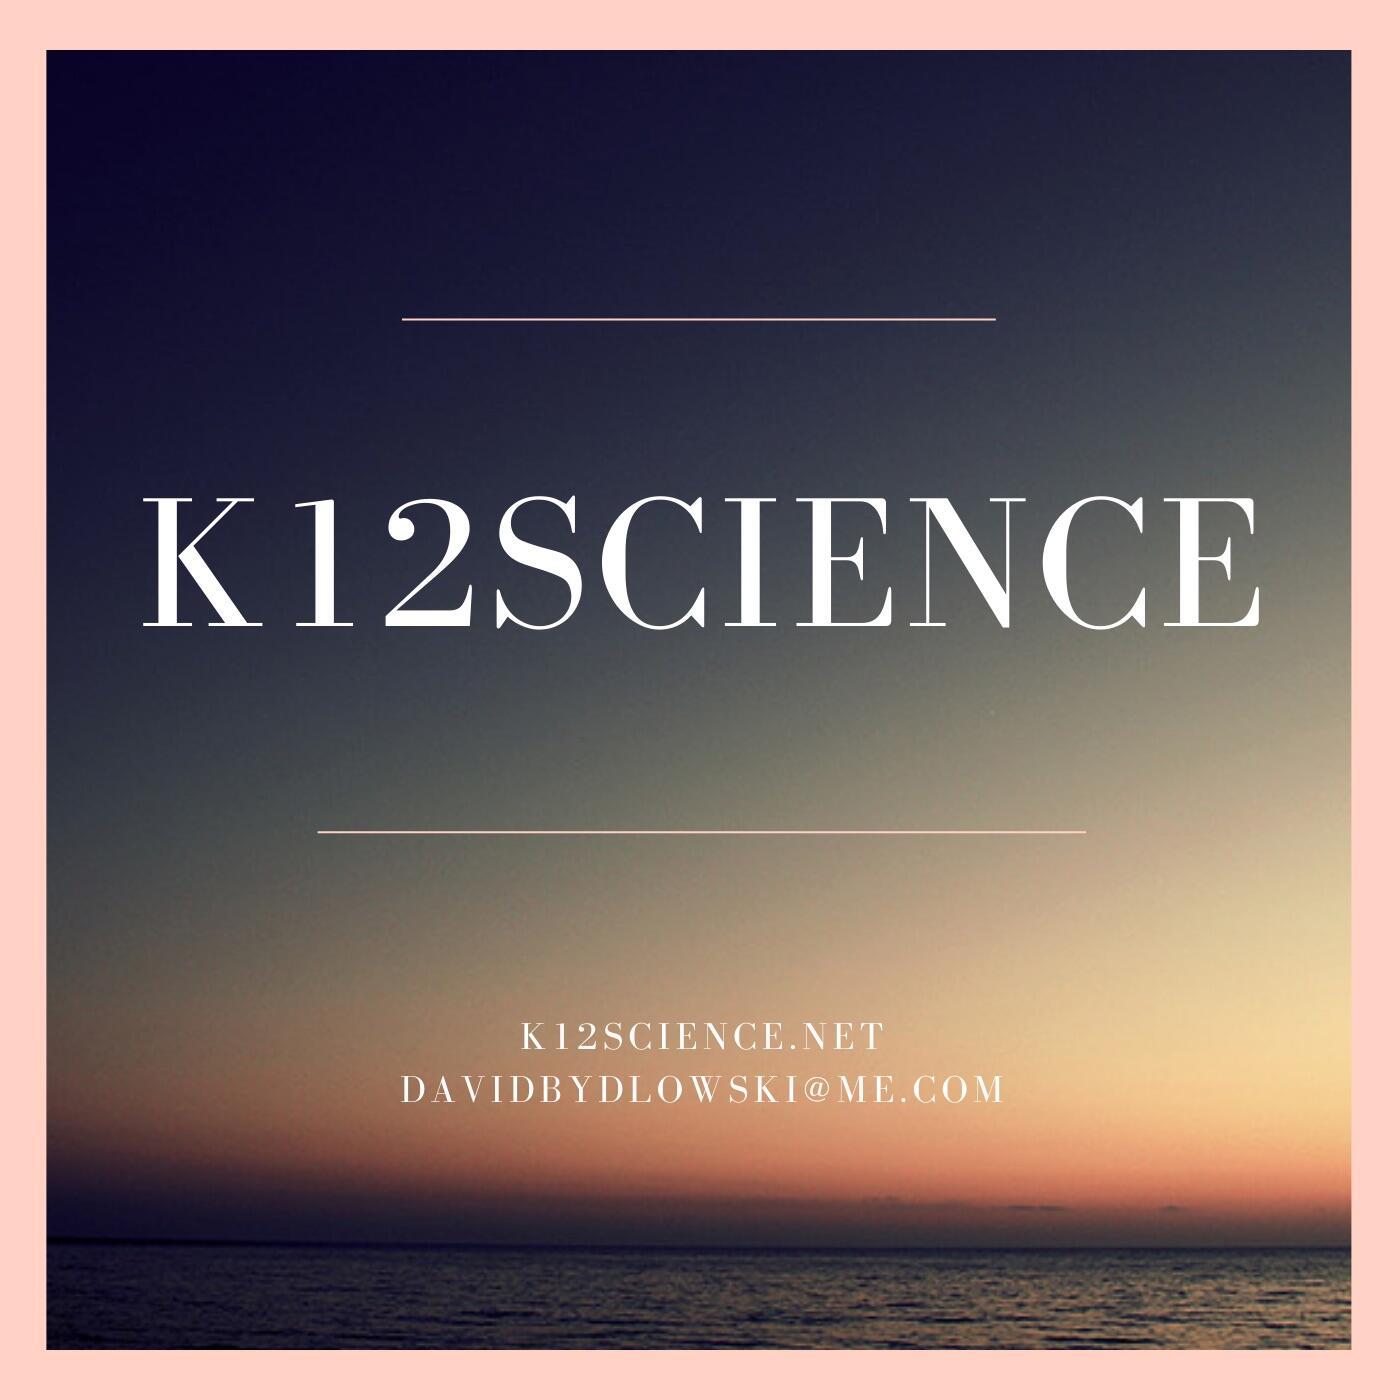 K12Science